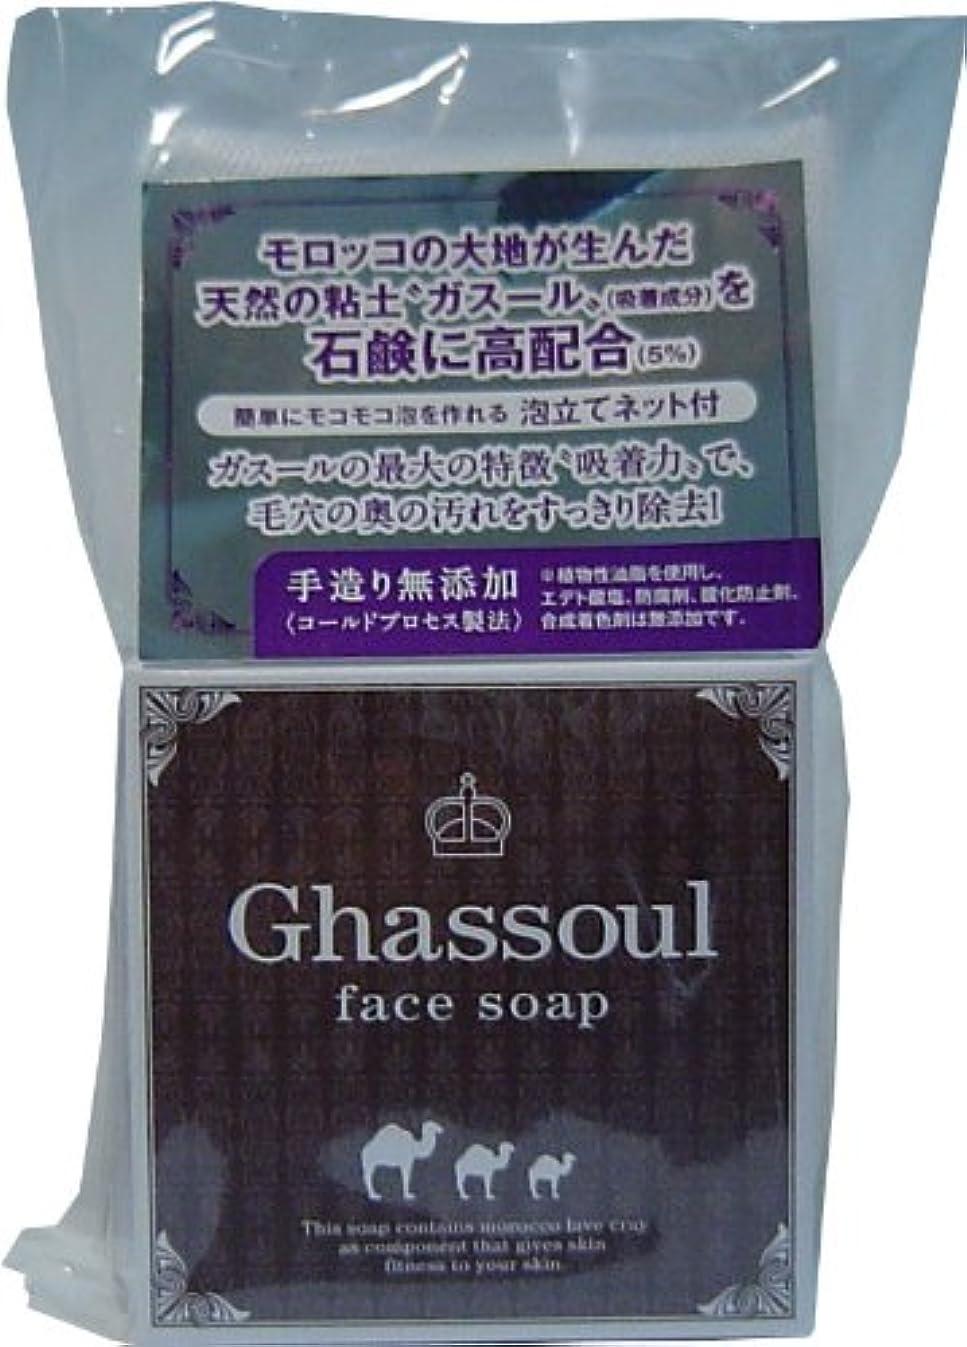 スマッシュ南東盗難【セット品】Ghassoul face soap ガスールフェイスソープ 100g 7個